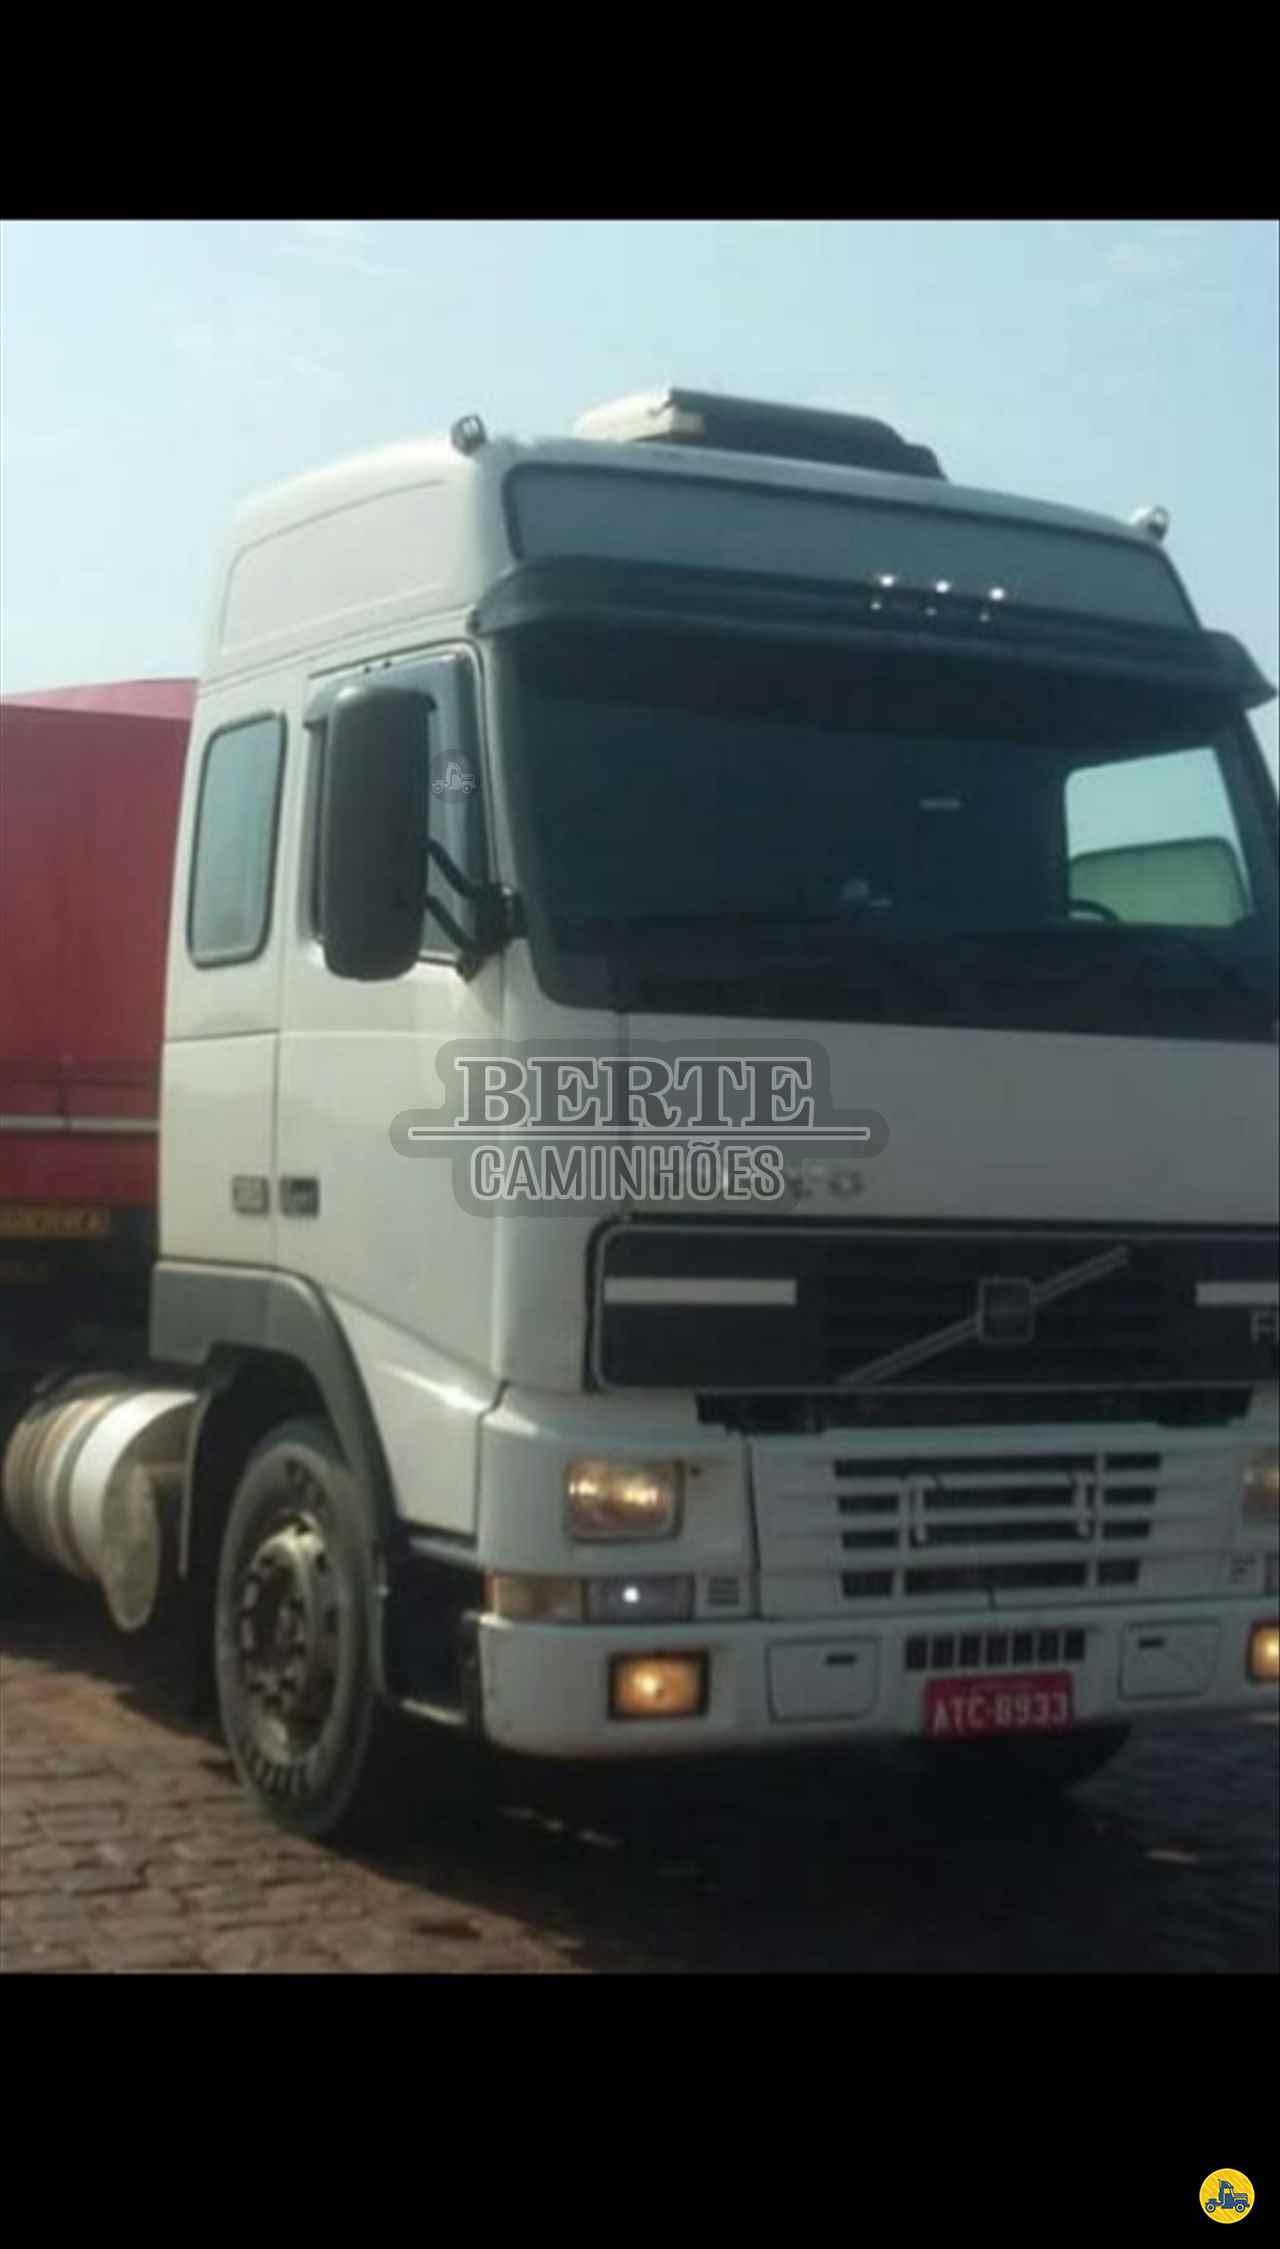 CAMINHAO VOLVO VOLVO FH12 380 Cavalo Mecânico Truck 6x2 Berte Caminhões SANTA ROSA RIO GRANDE DO SUL RS